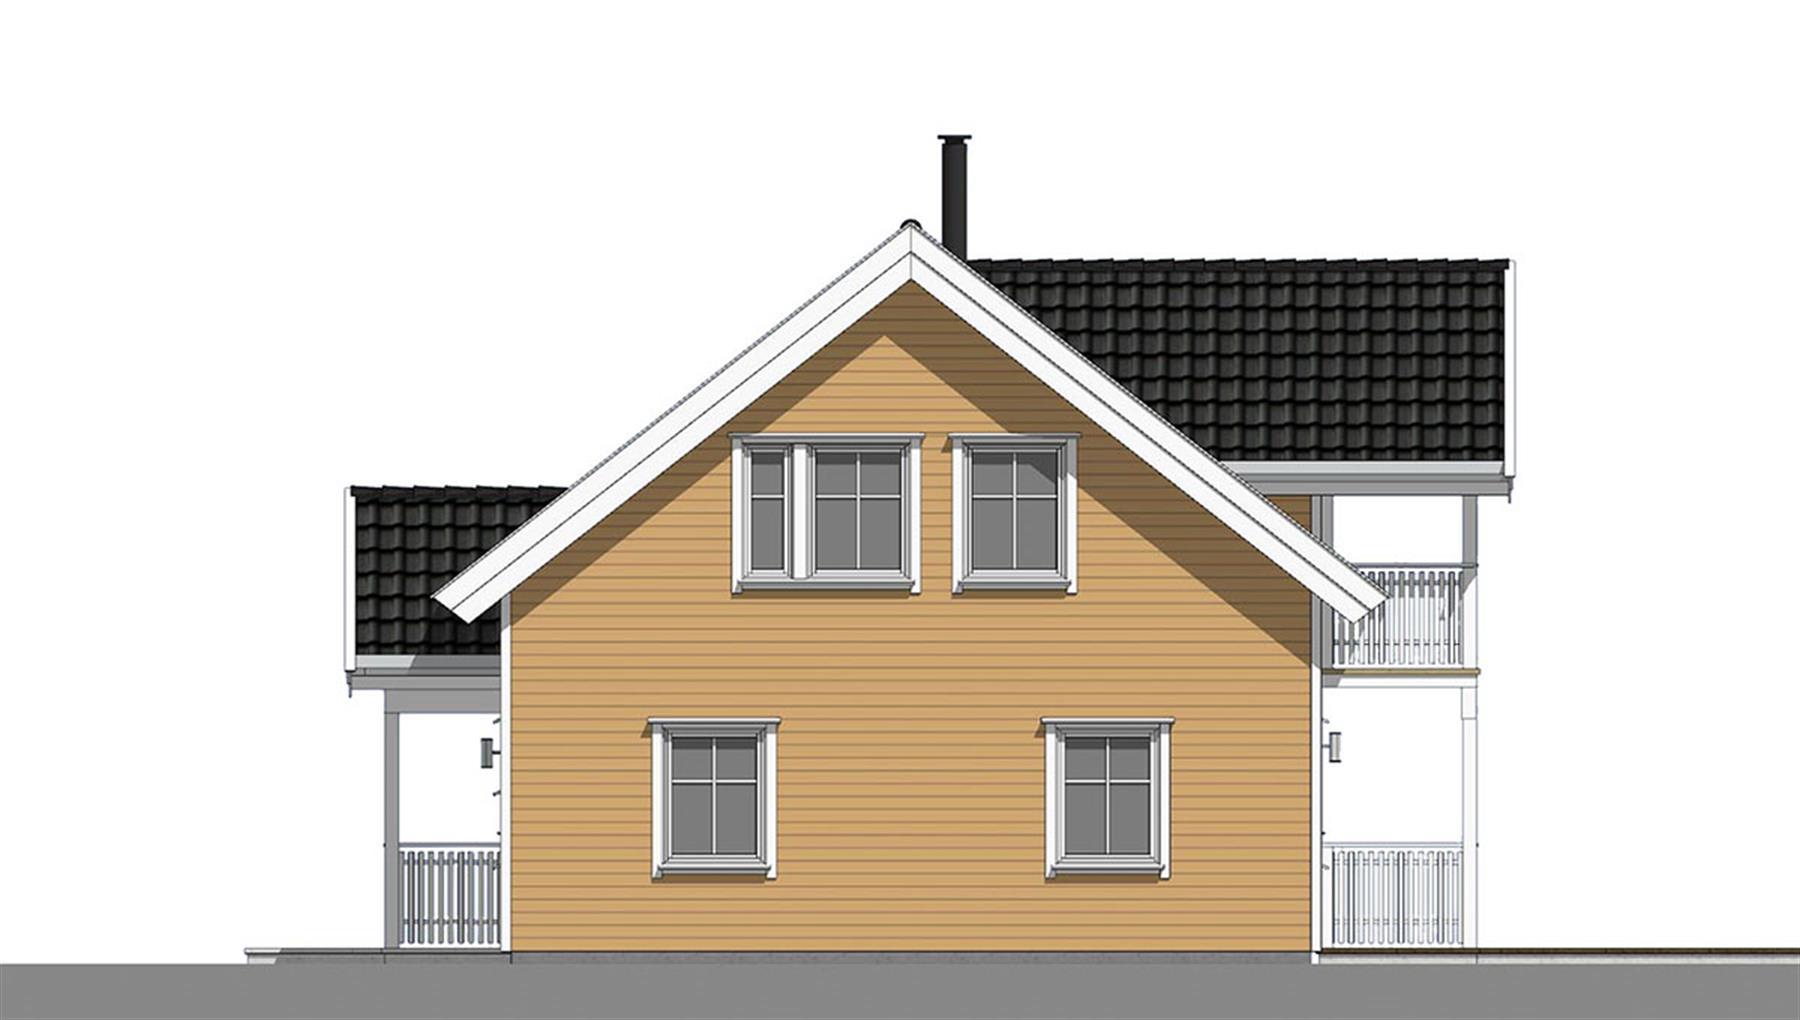 Havsule fasade 2